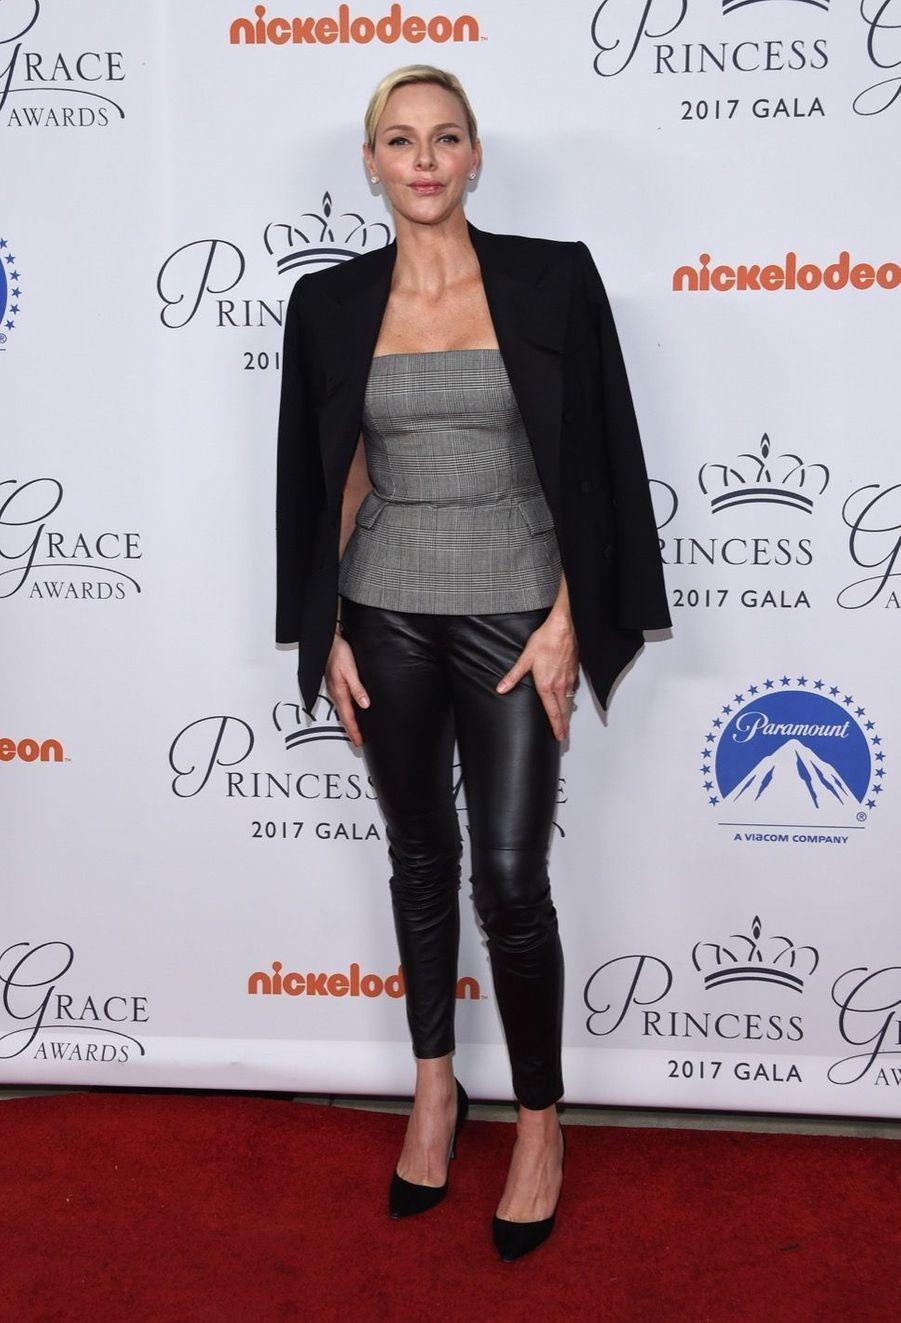 La Princesse Charlene De Monaco À La Soirée Princess Grace Awards Au Paramount Studios À Los Angeles, Le 24 Octobre 2017 1